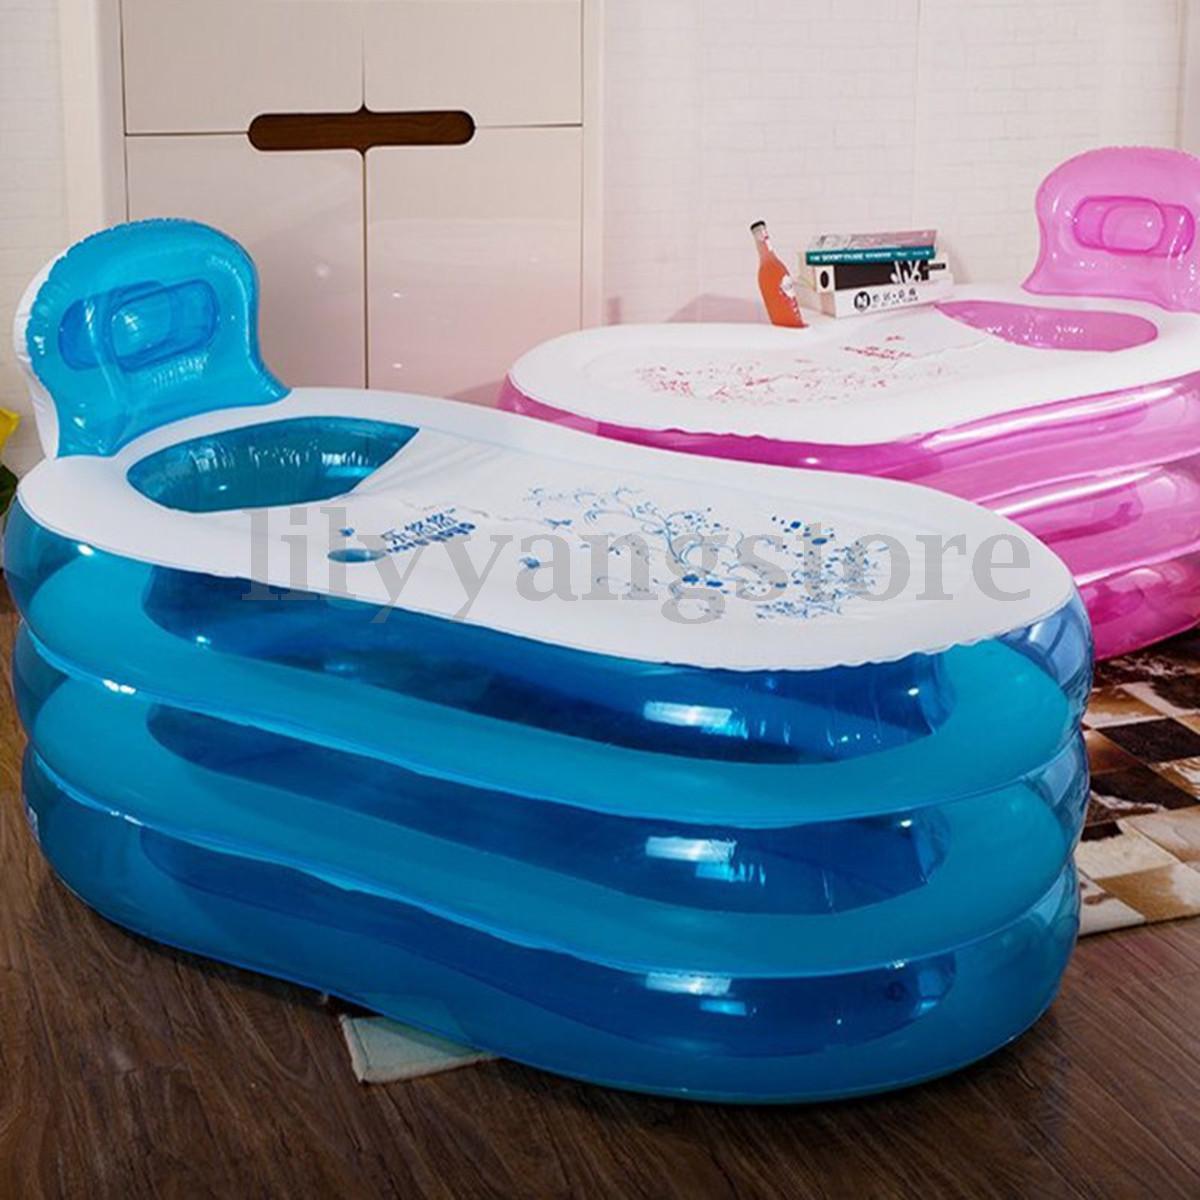 Rose bleu gonflable baignoire SPA PVC pliant Portable pour adultes ménage baignoire gonflable 145cm 130cm